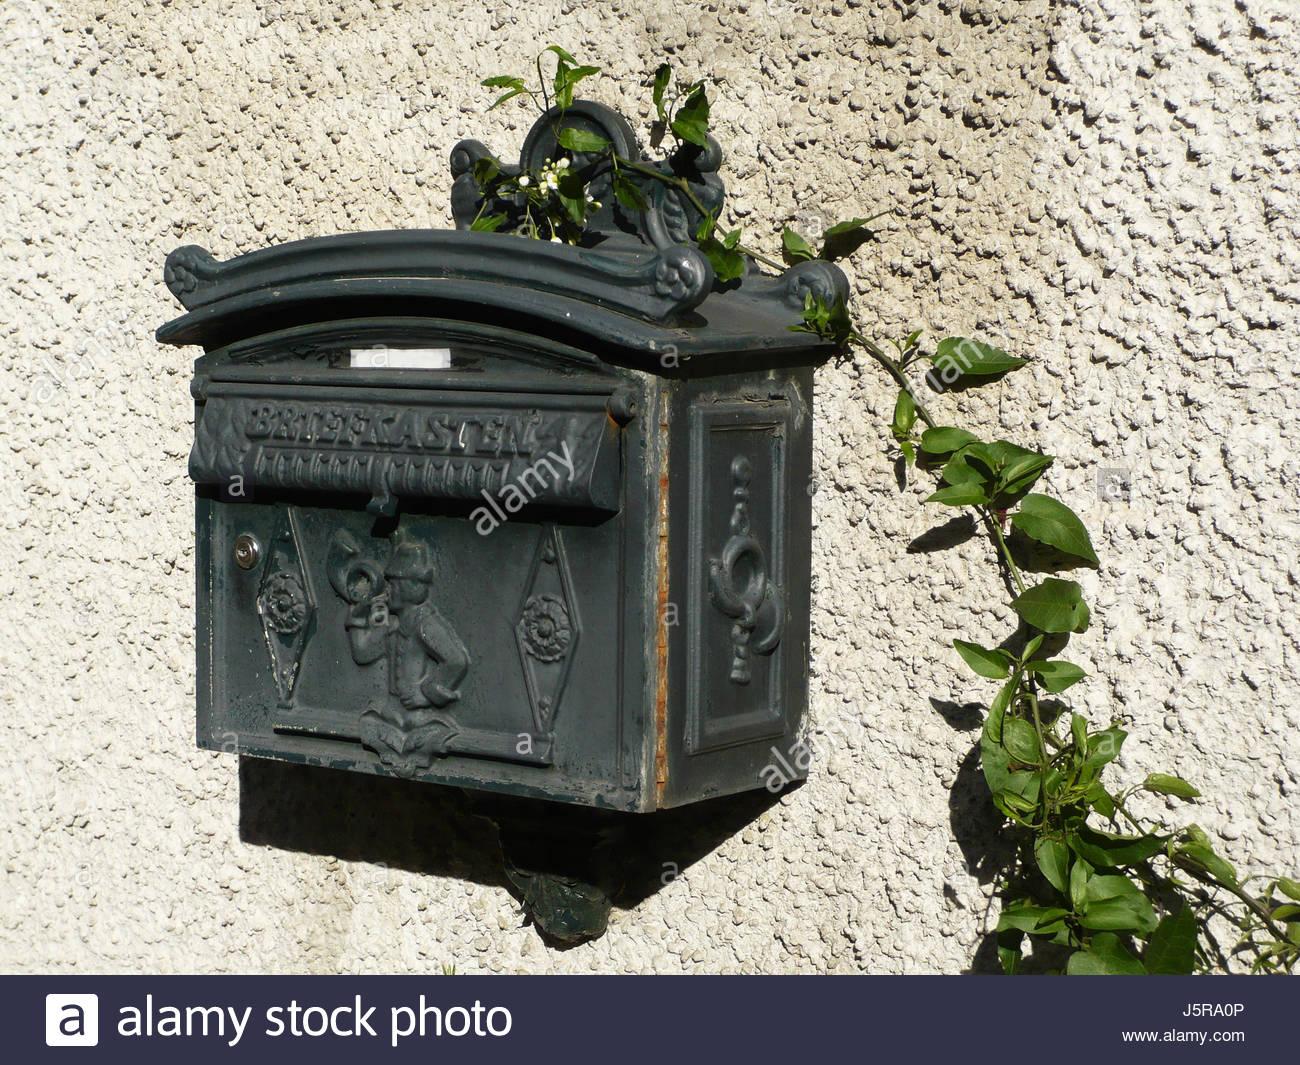 warten sie warten grune horn eisen rost metall postfach verrosteten geduld langen brief j5ra0p